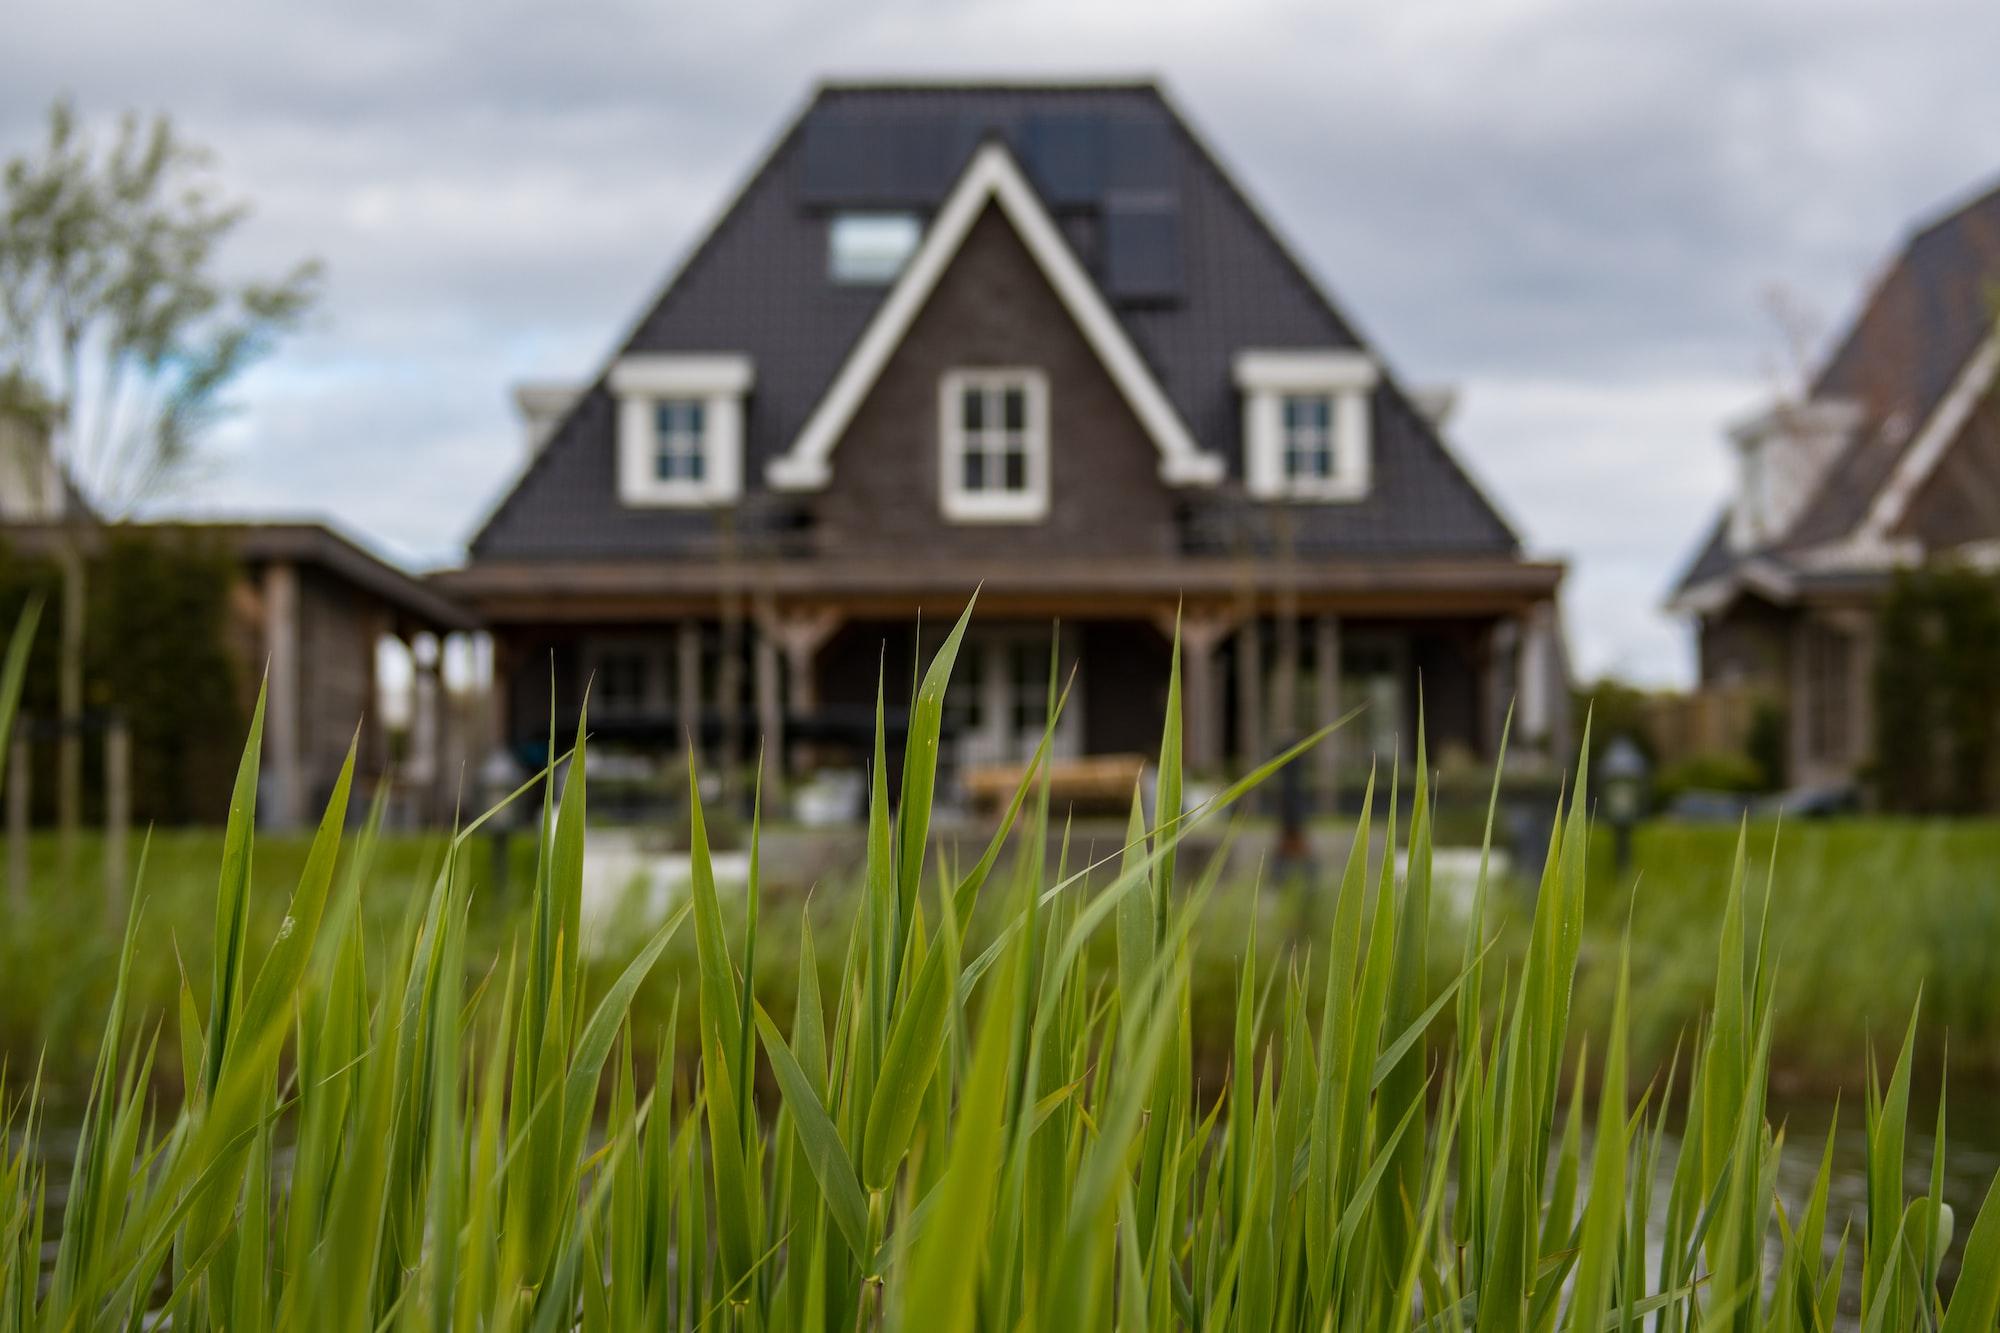 1块地建6栋屋,温哥华迎来独立屋用地改革